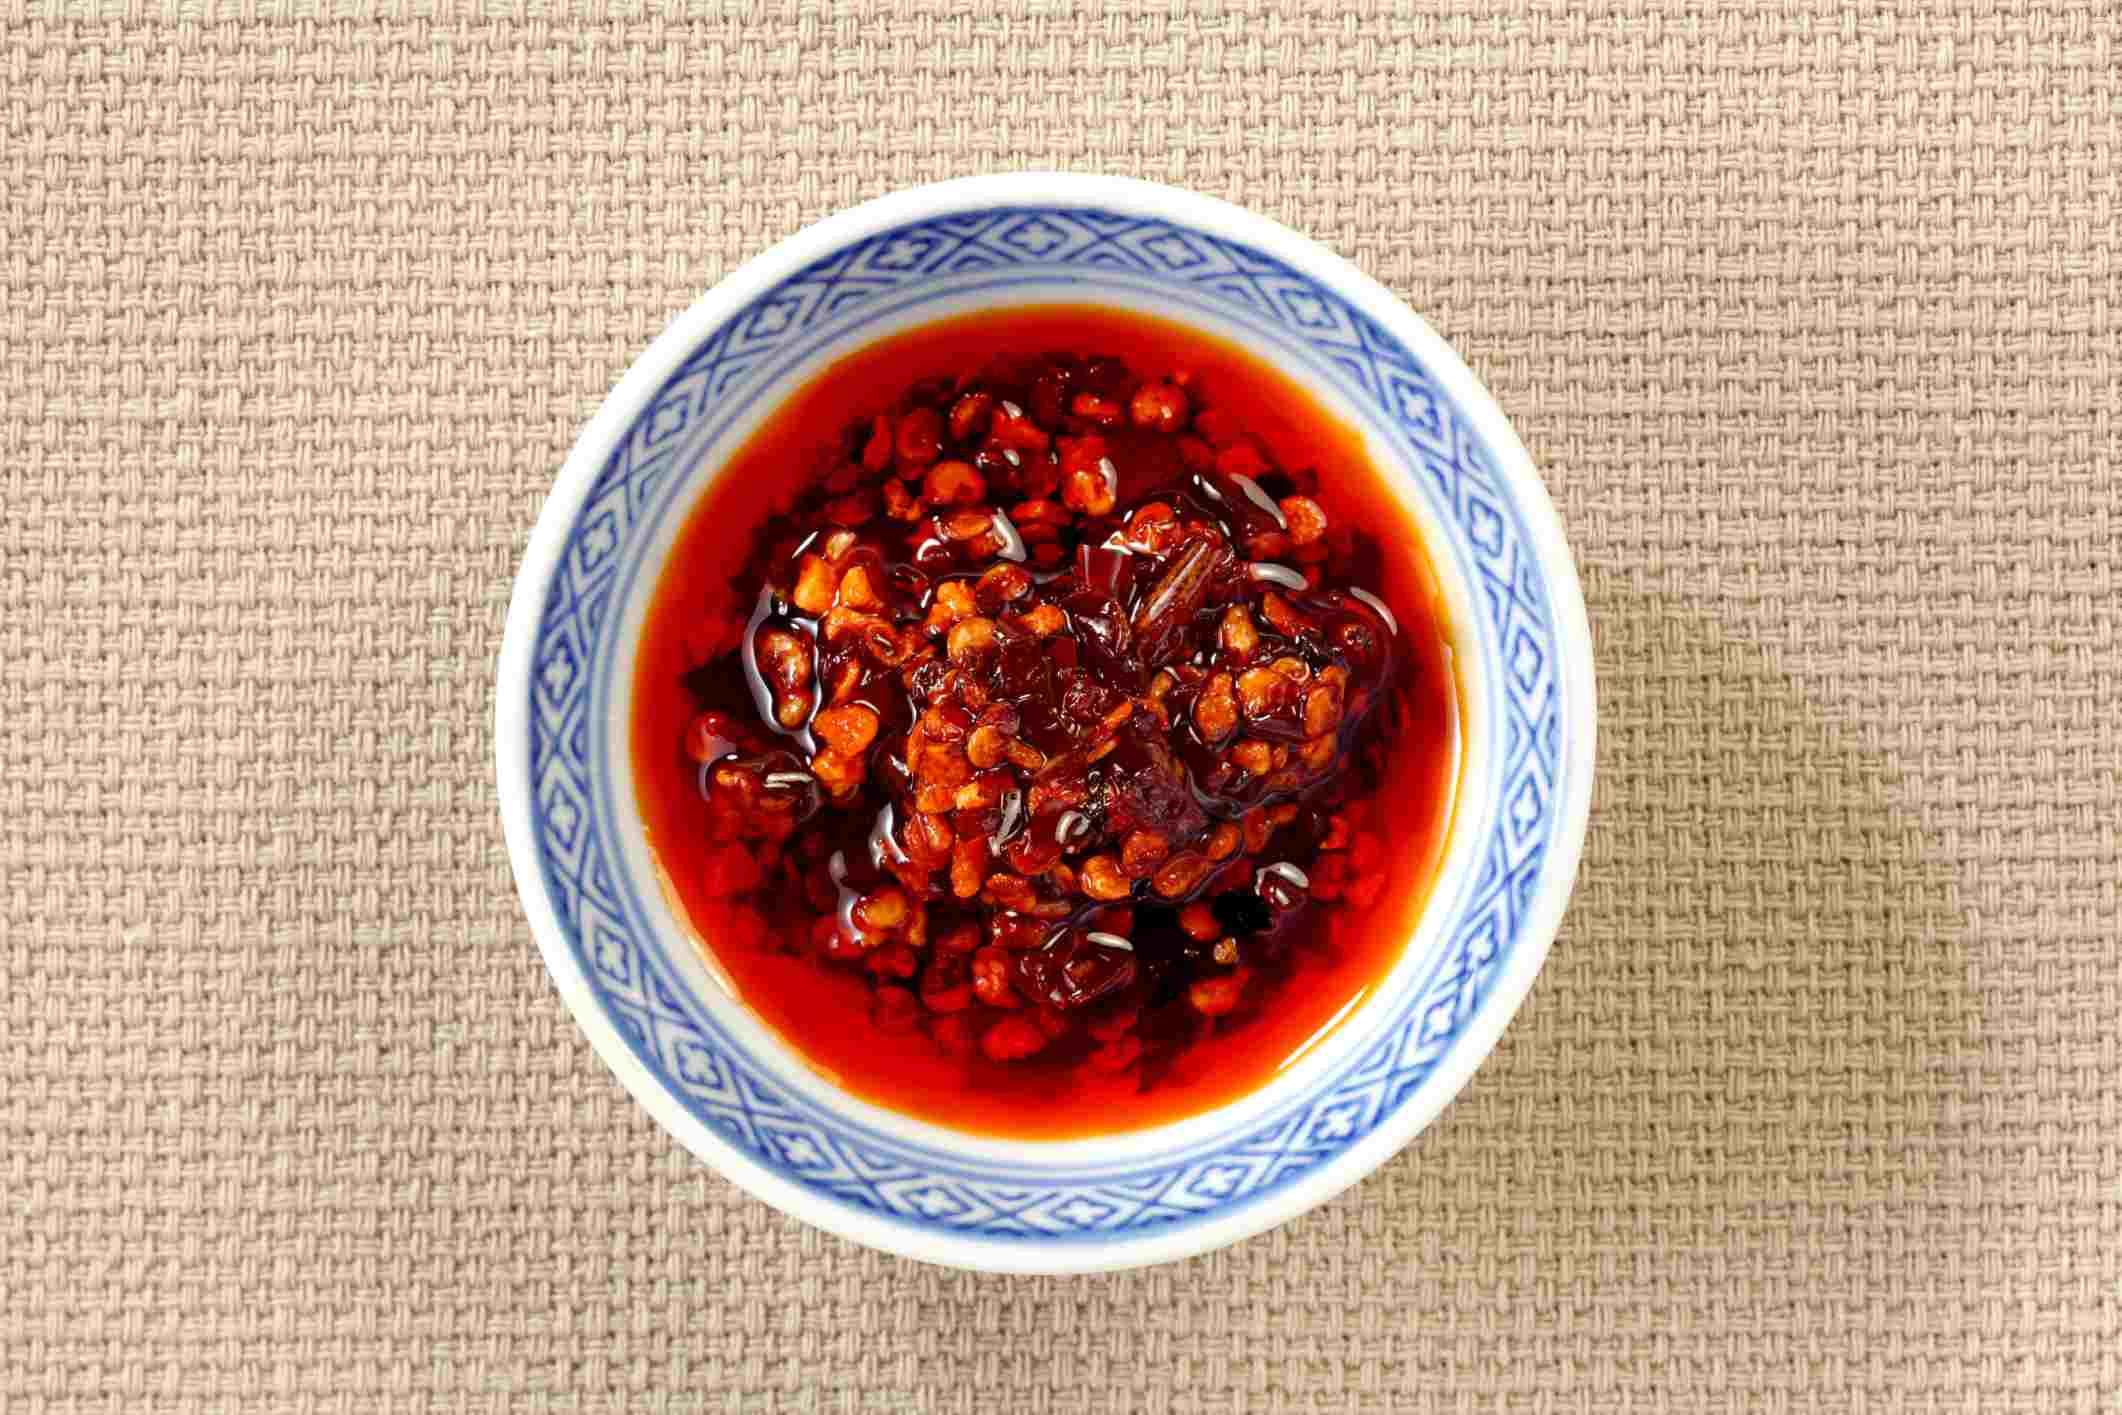 Rayu or La-Yu (Chili Oil)